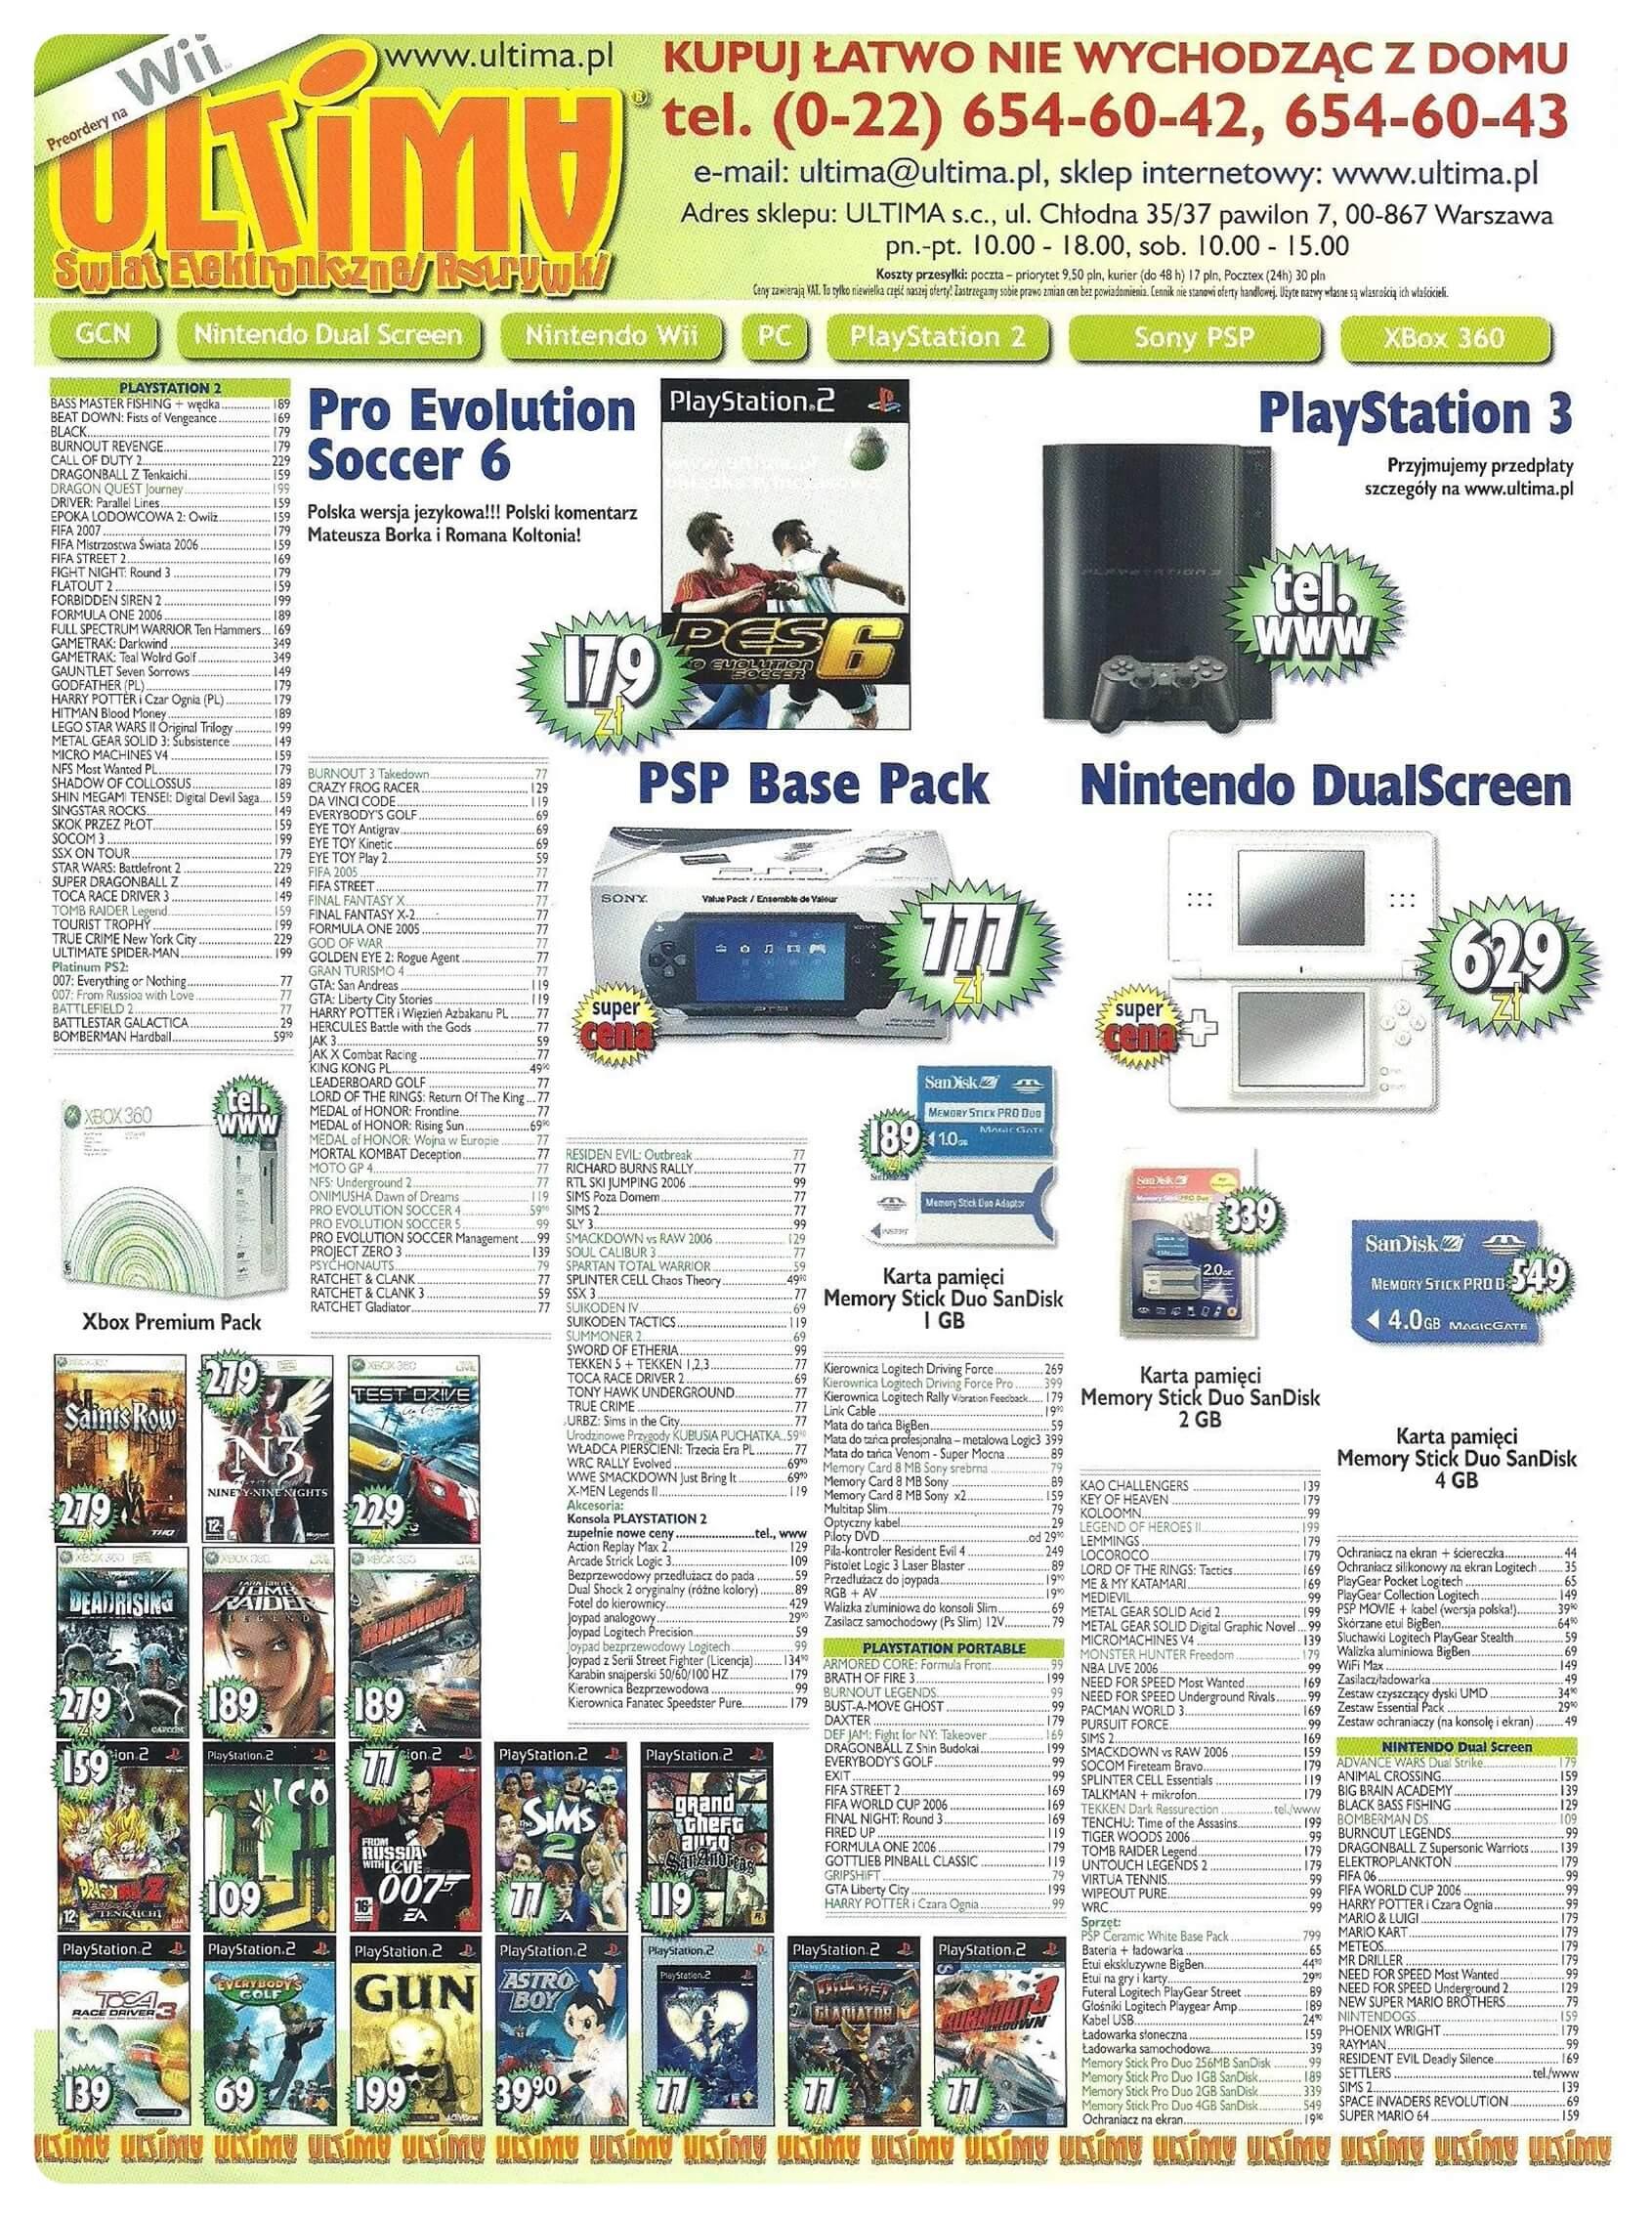 Neo Plus nr 091 20062q4 - Jak wyglądały ceny różnych konsol w Polsce w latach 1996-2006?